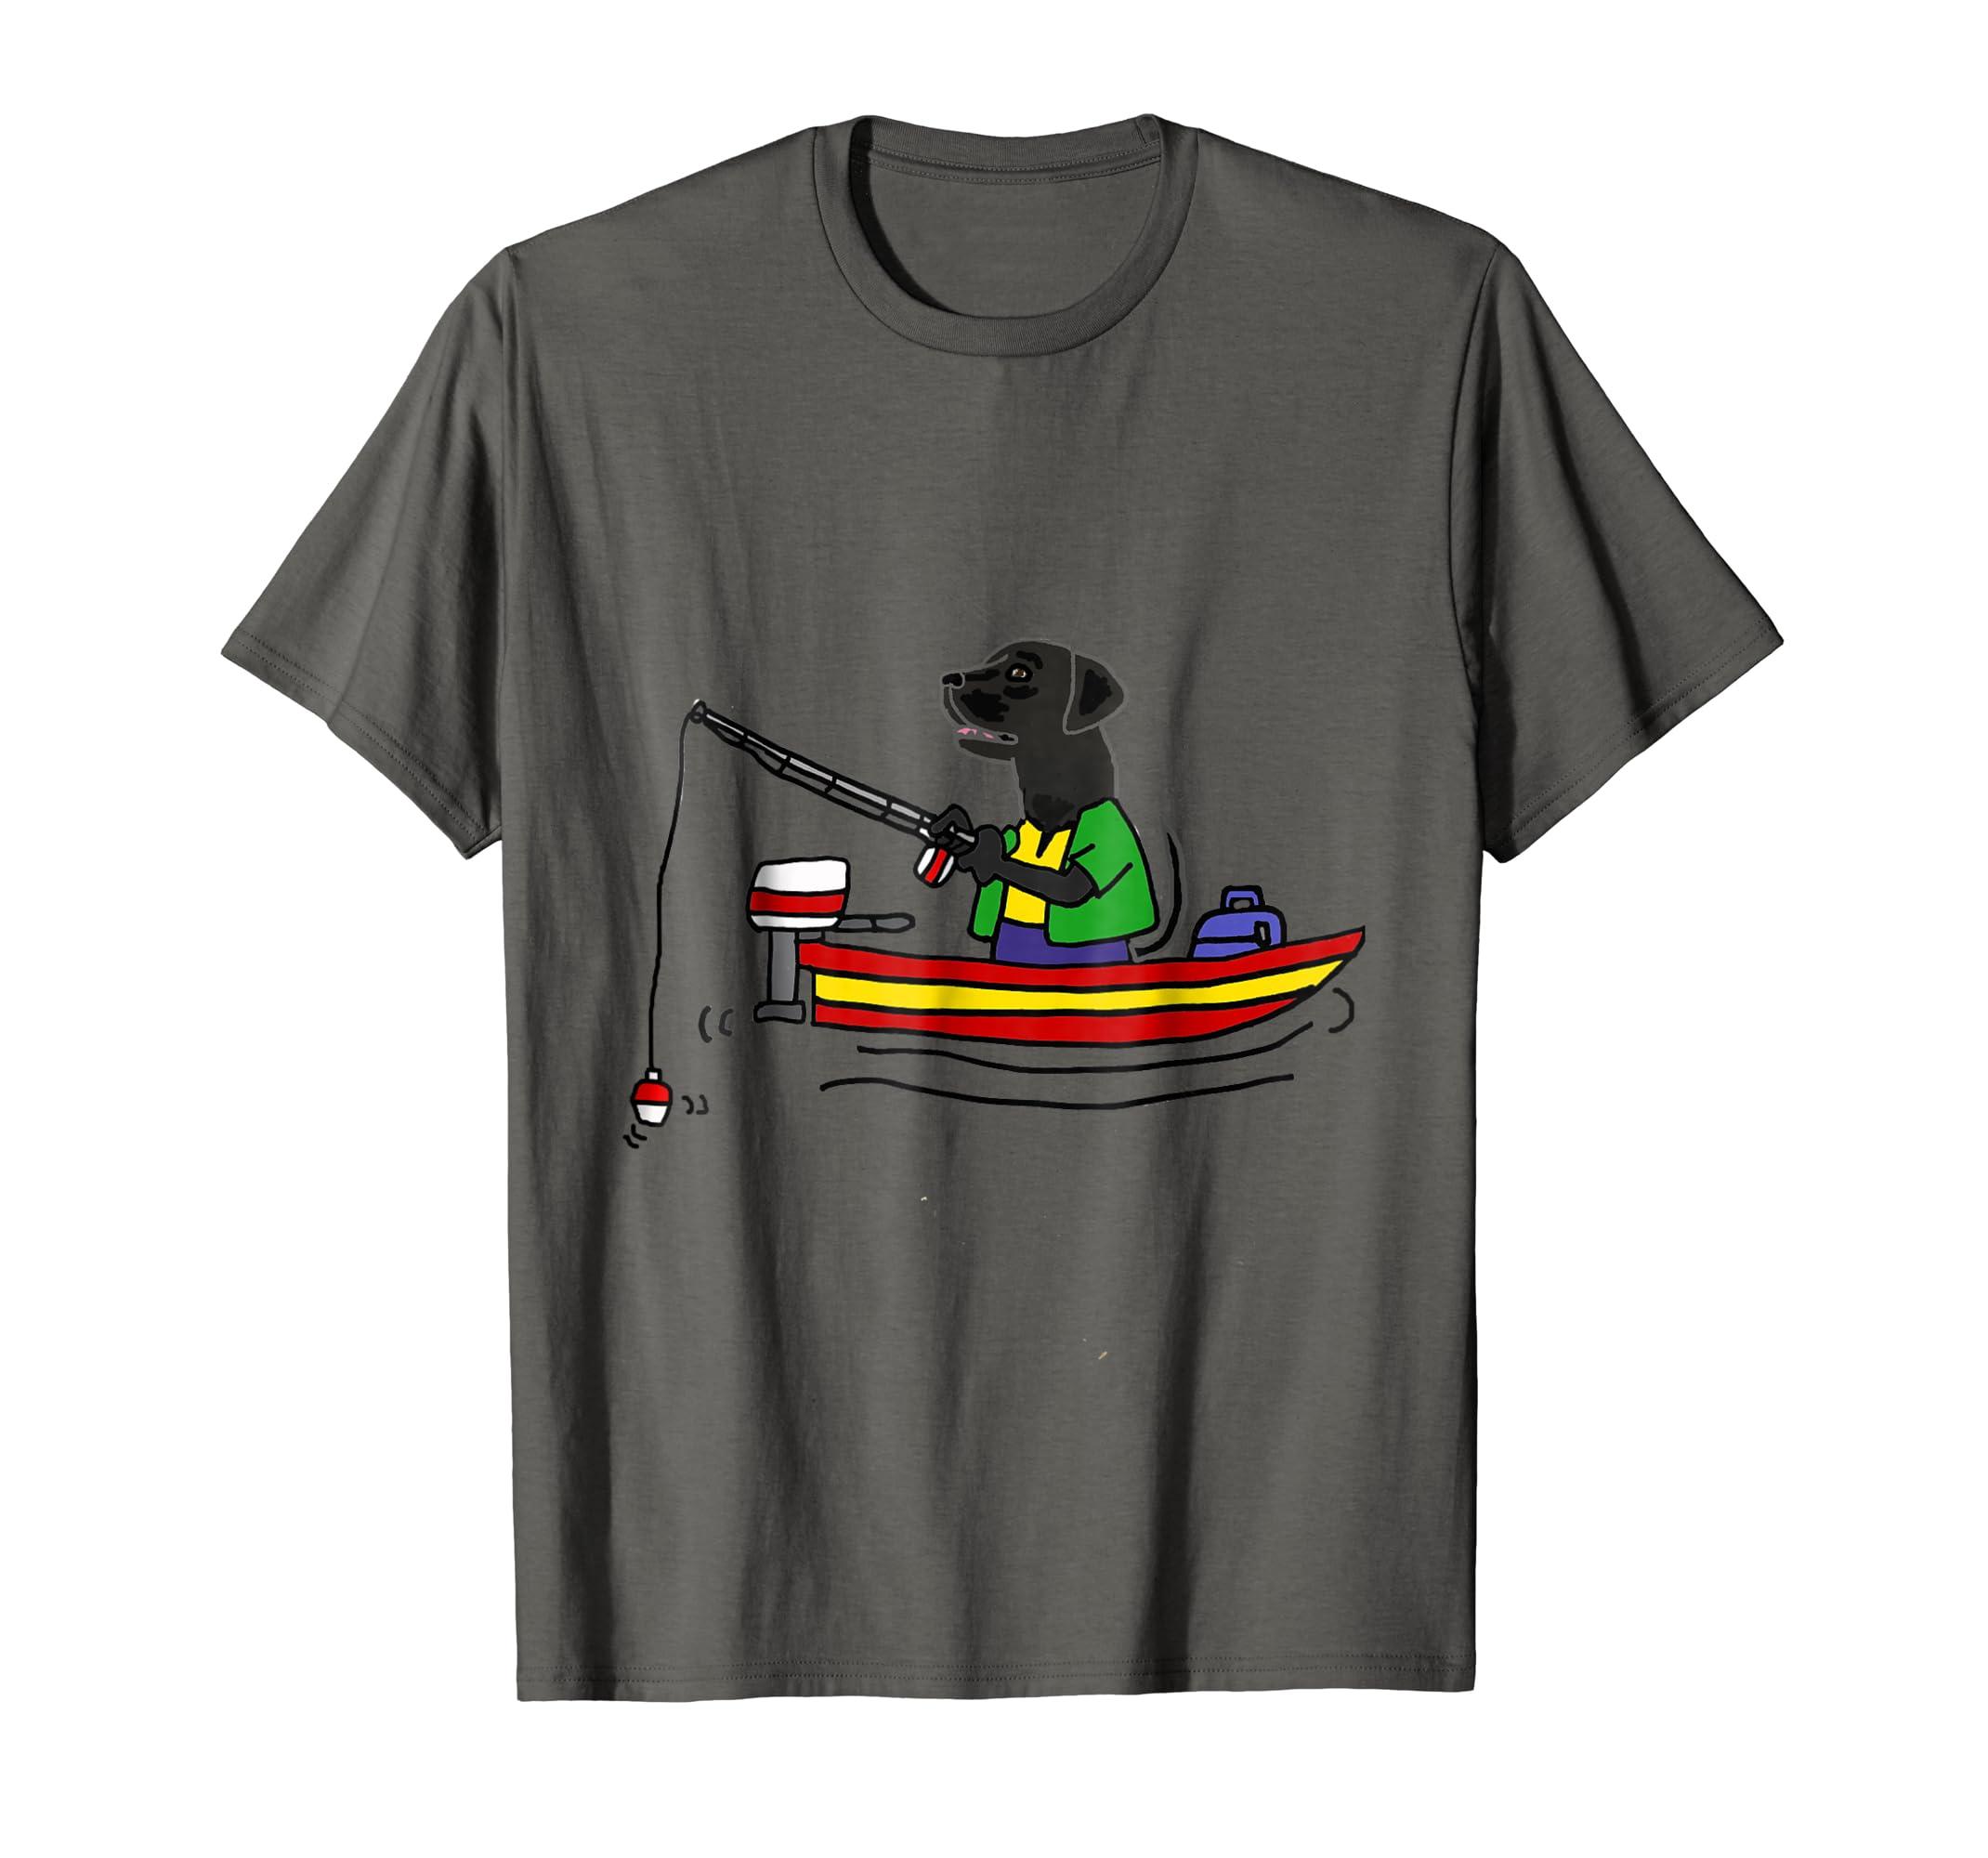 SmileteesHob Funny Black Labrador Retriever Fishing T-shirt-fa